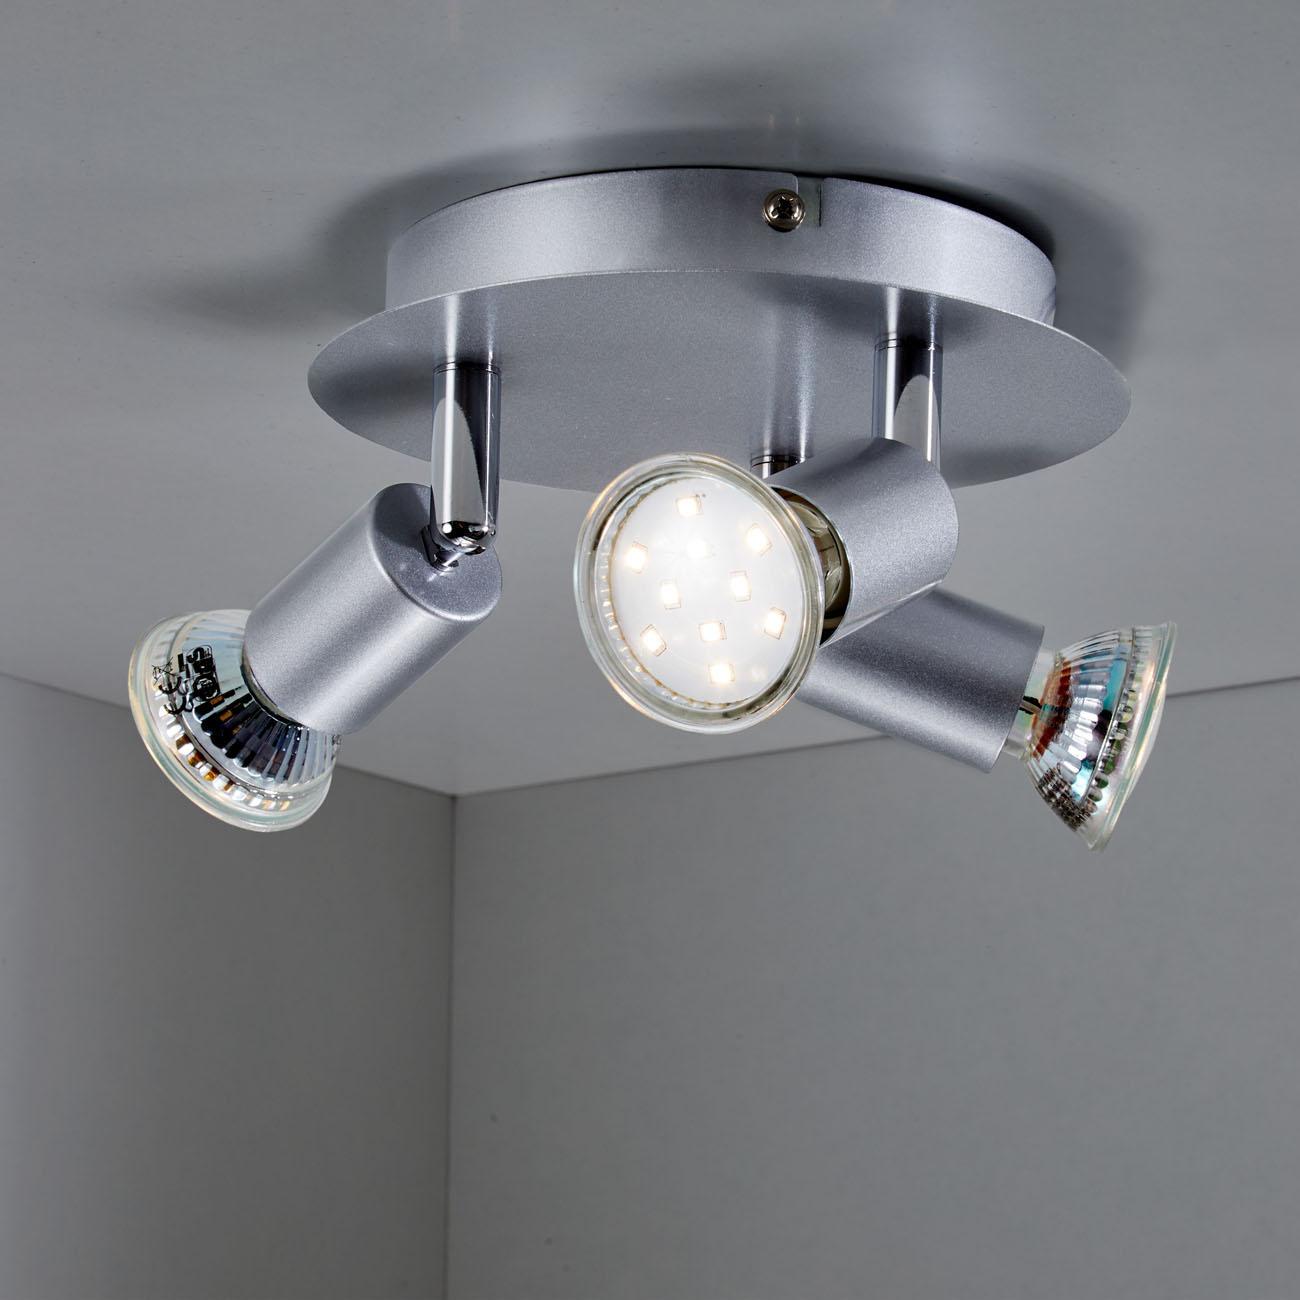 LED Deckenstrahler Deckenspot 3-flammig matt-nickel - 3